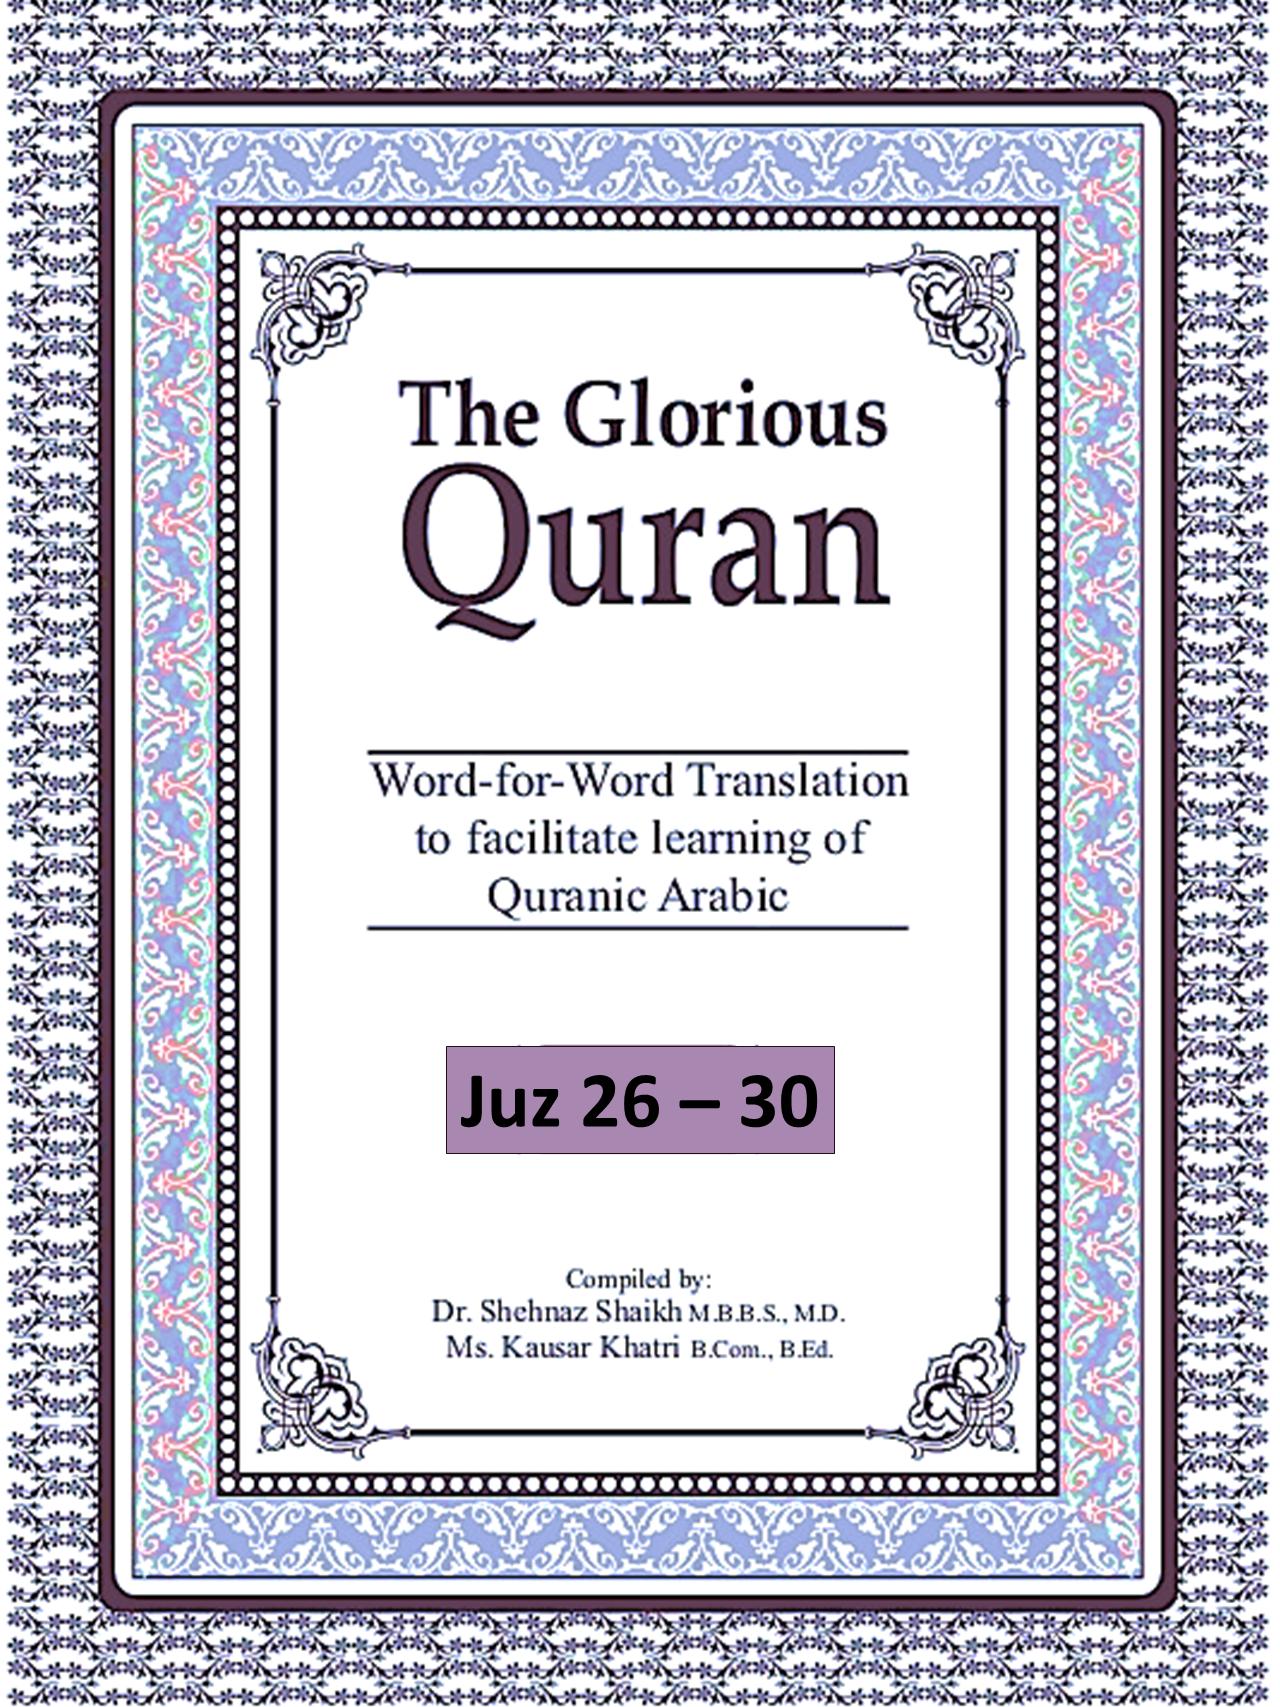 The Glorious Quran Vol 3 (Juz 26 - 30)